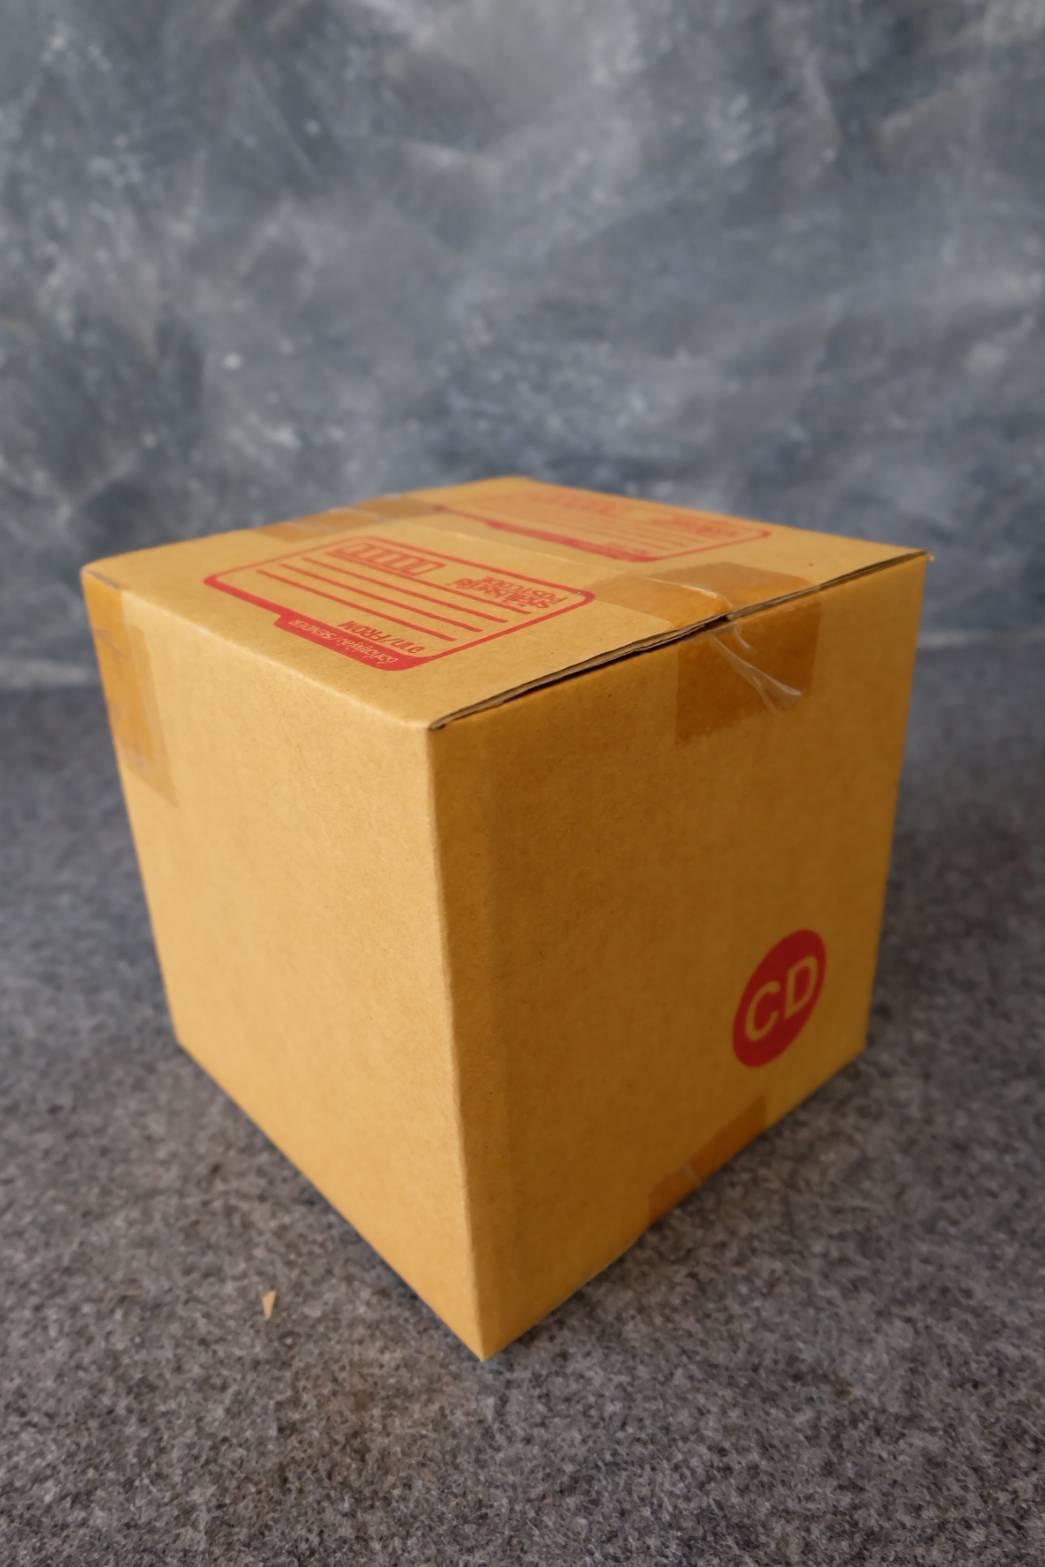 กล่องพัสดุ เบอร์ CD (15x15x15 cm.)